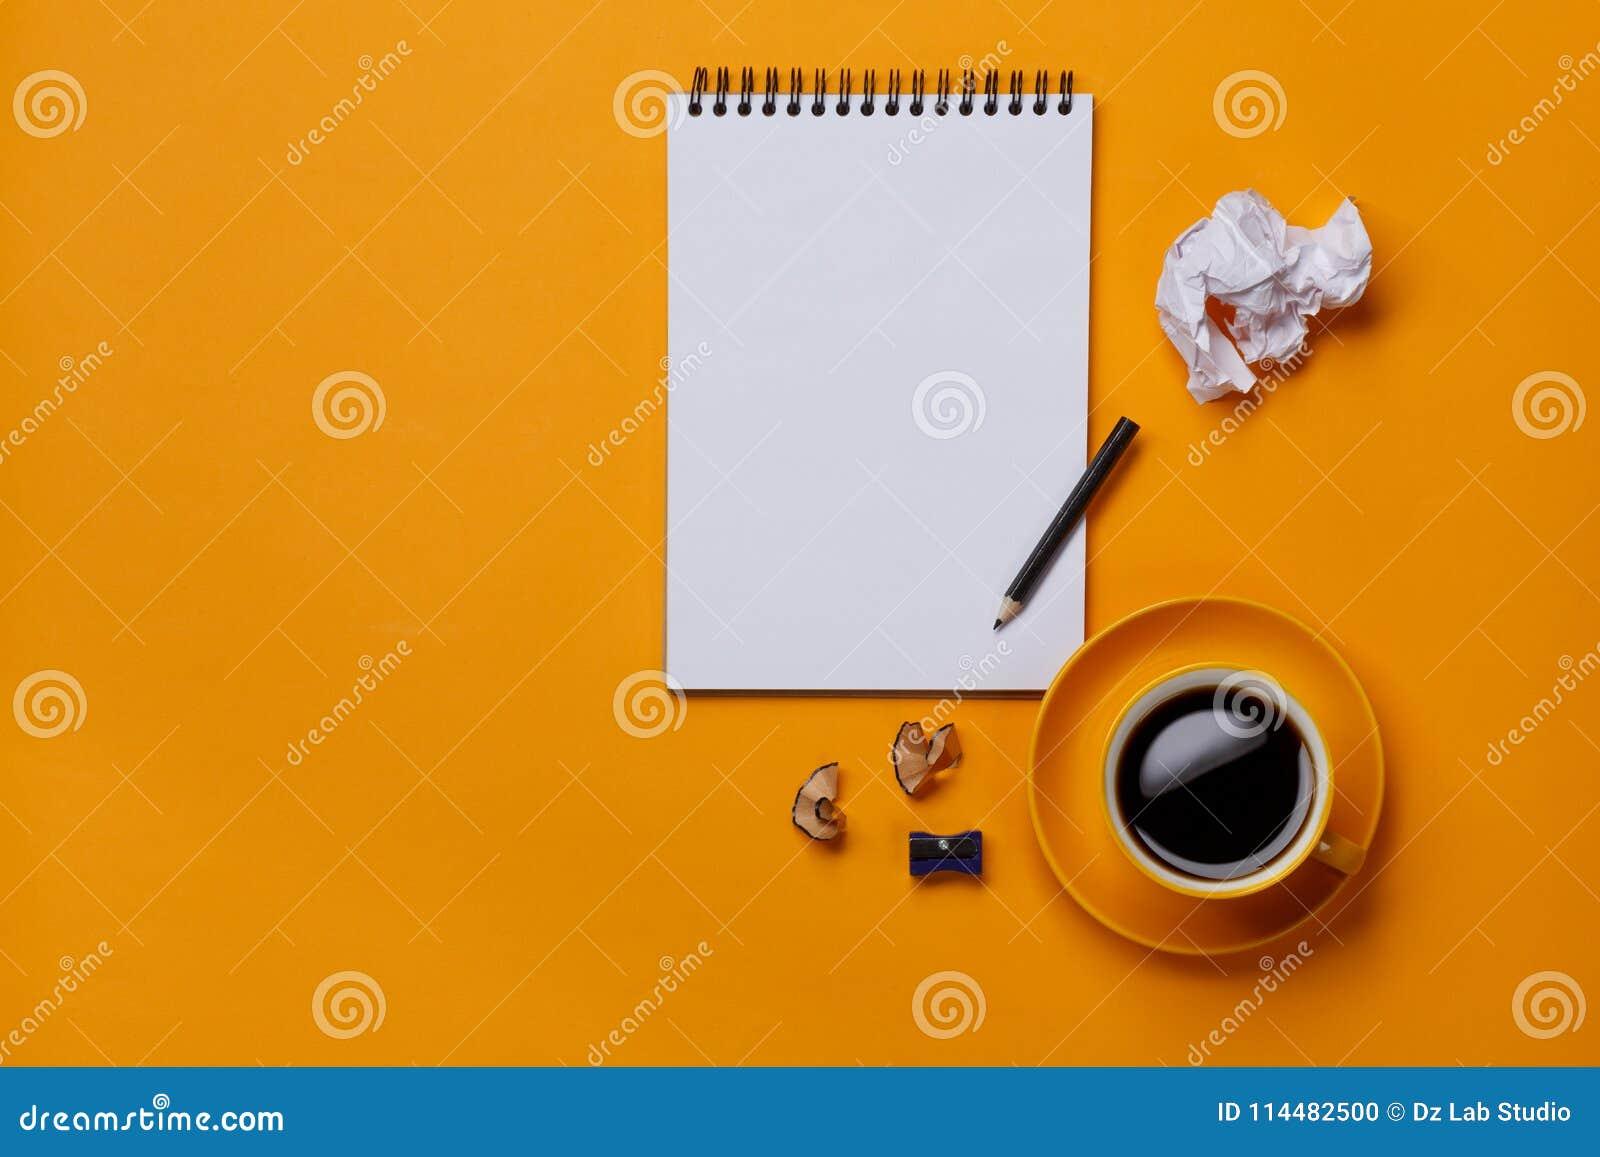 Άσπρο σημειωματάριο στο κίτρινο υπόβαθρο με το μολύβι και το έγγραφο